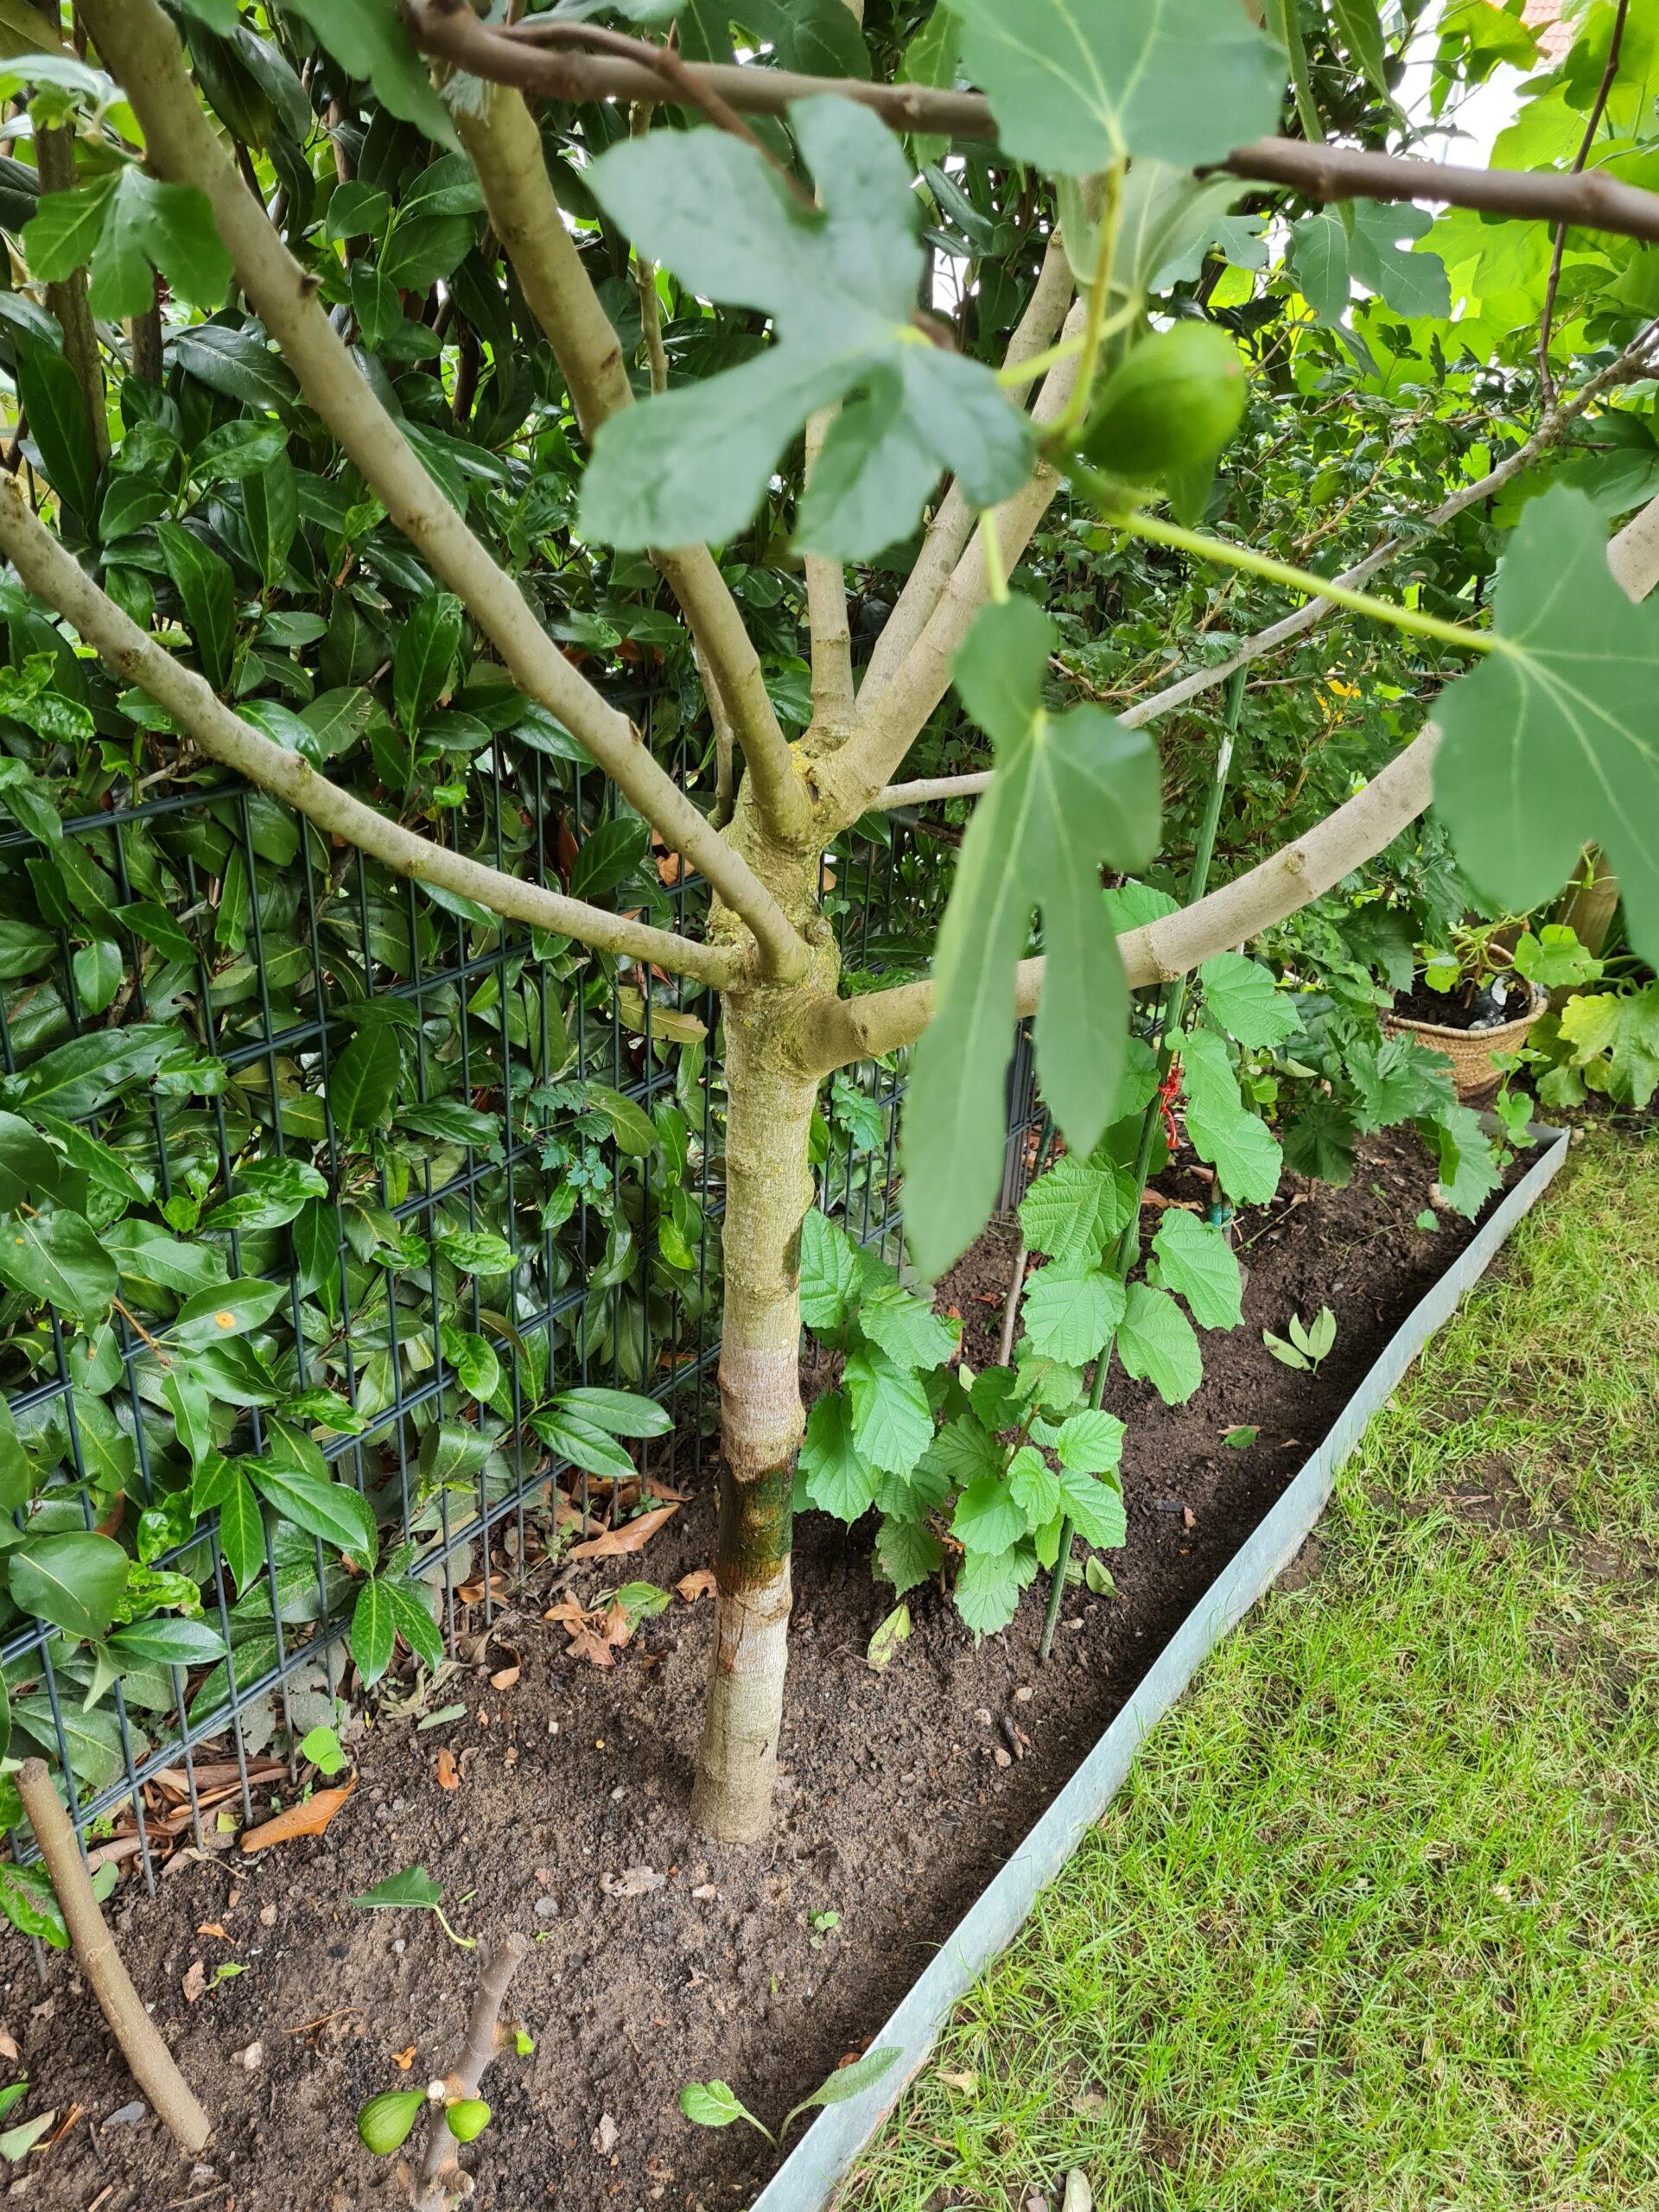 Feigenbaum sehr groß mit Früchte Winterhart selbstfruchtend und lecker